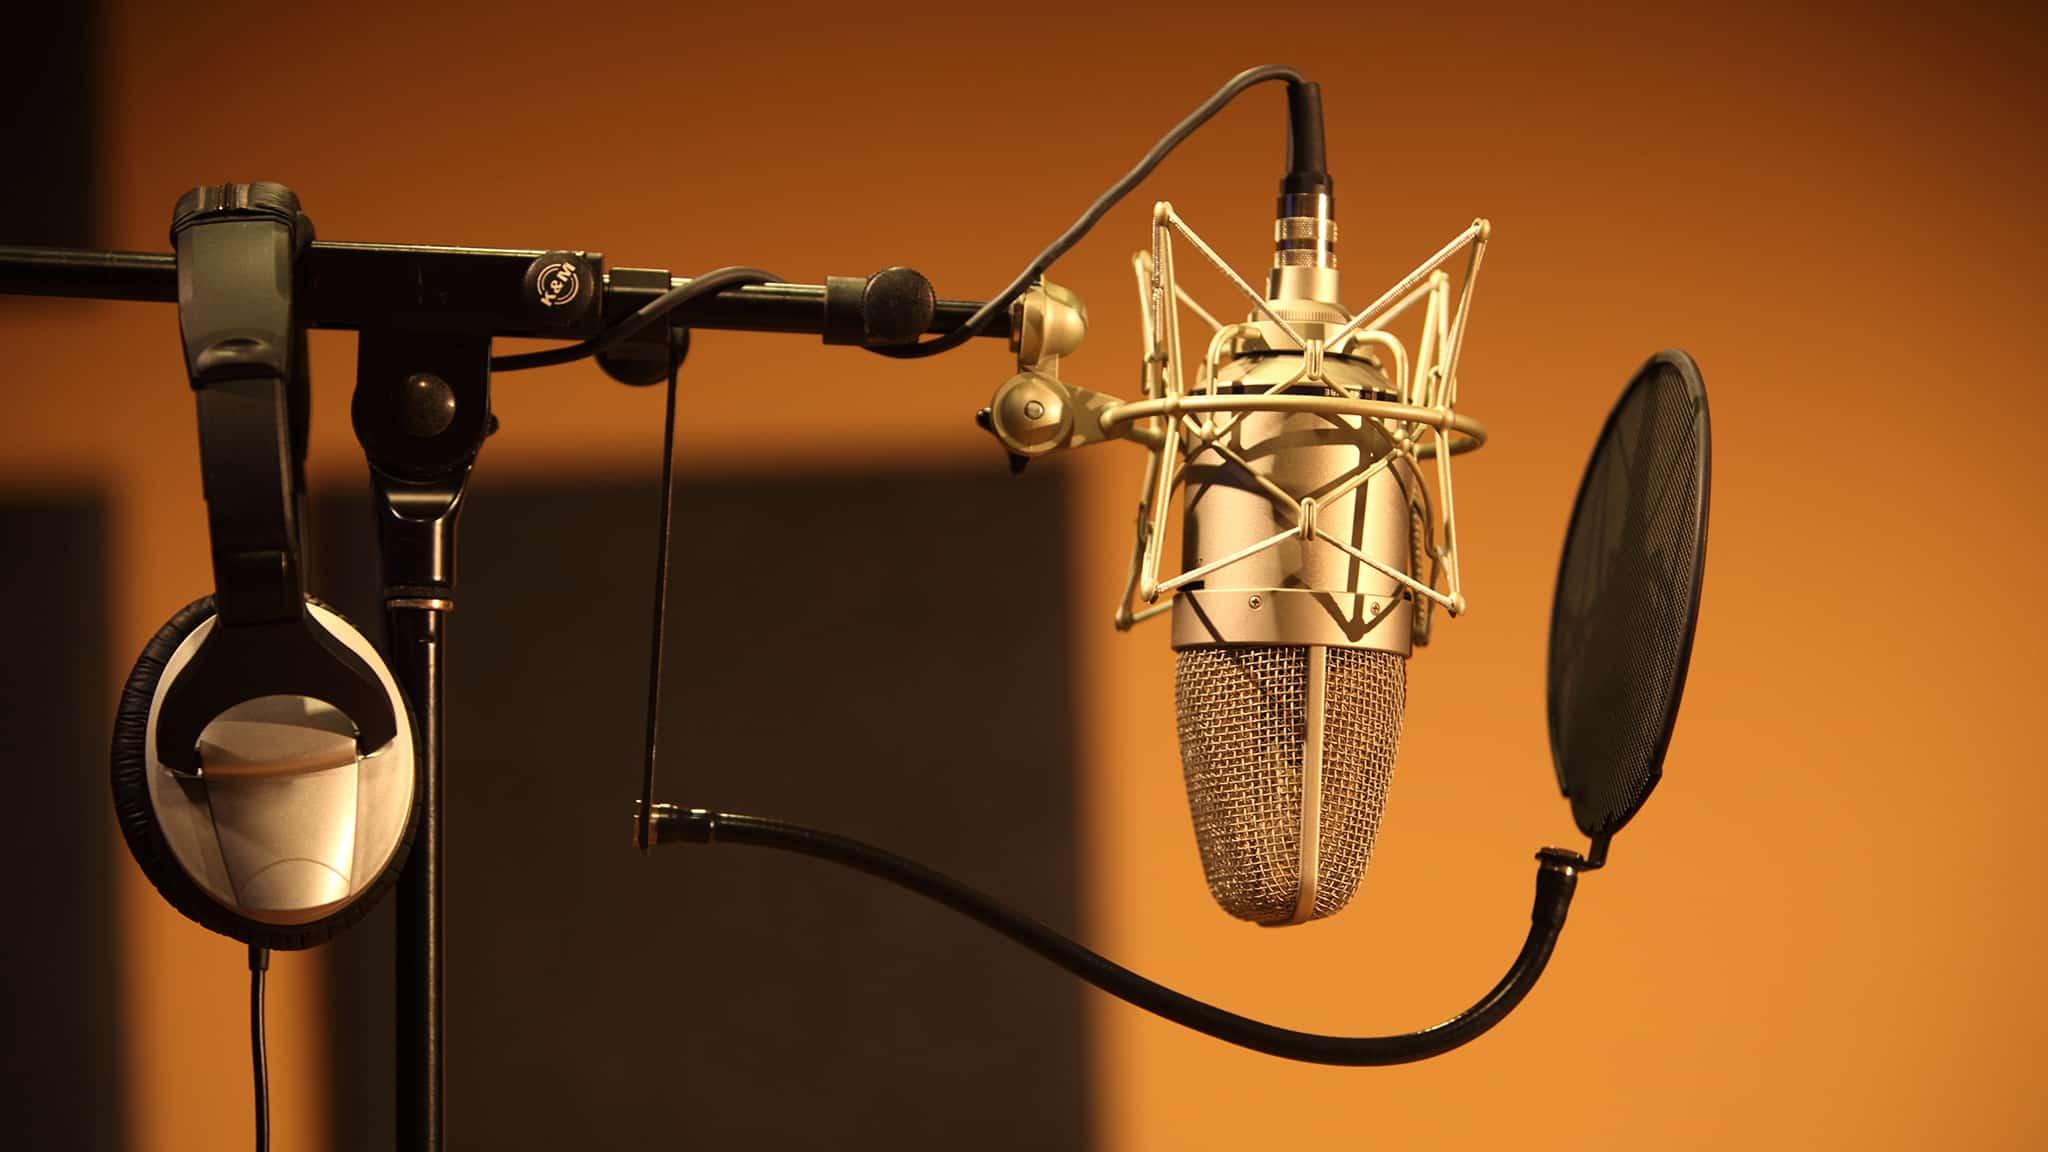 Pour un enregistrement de votre composition hip-hop